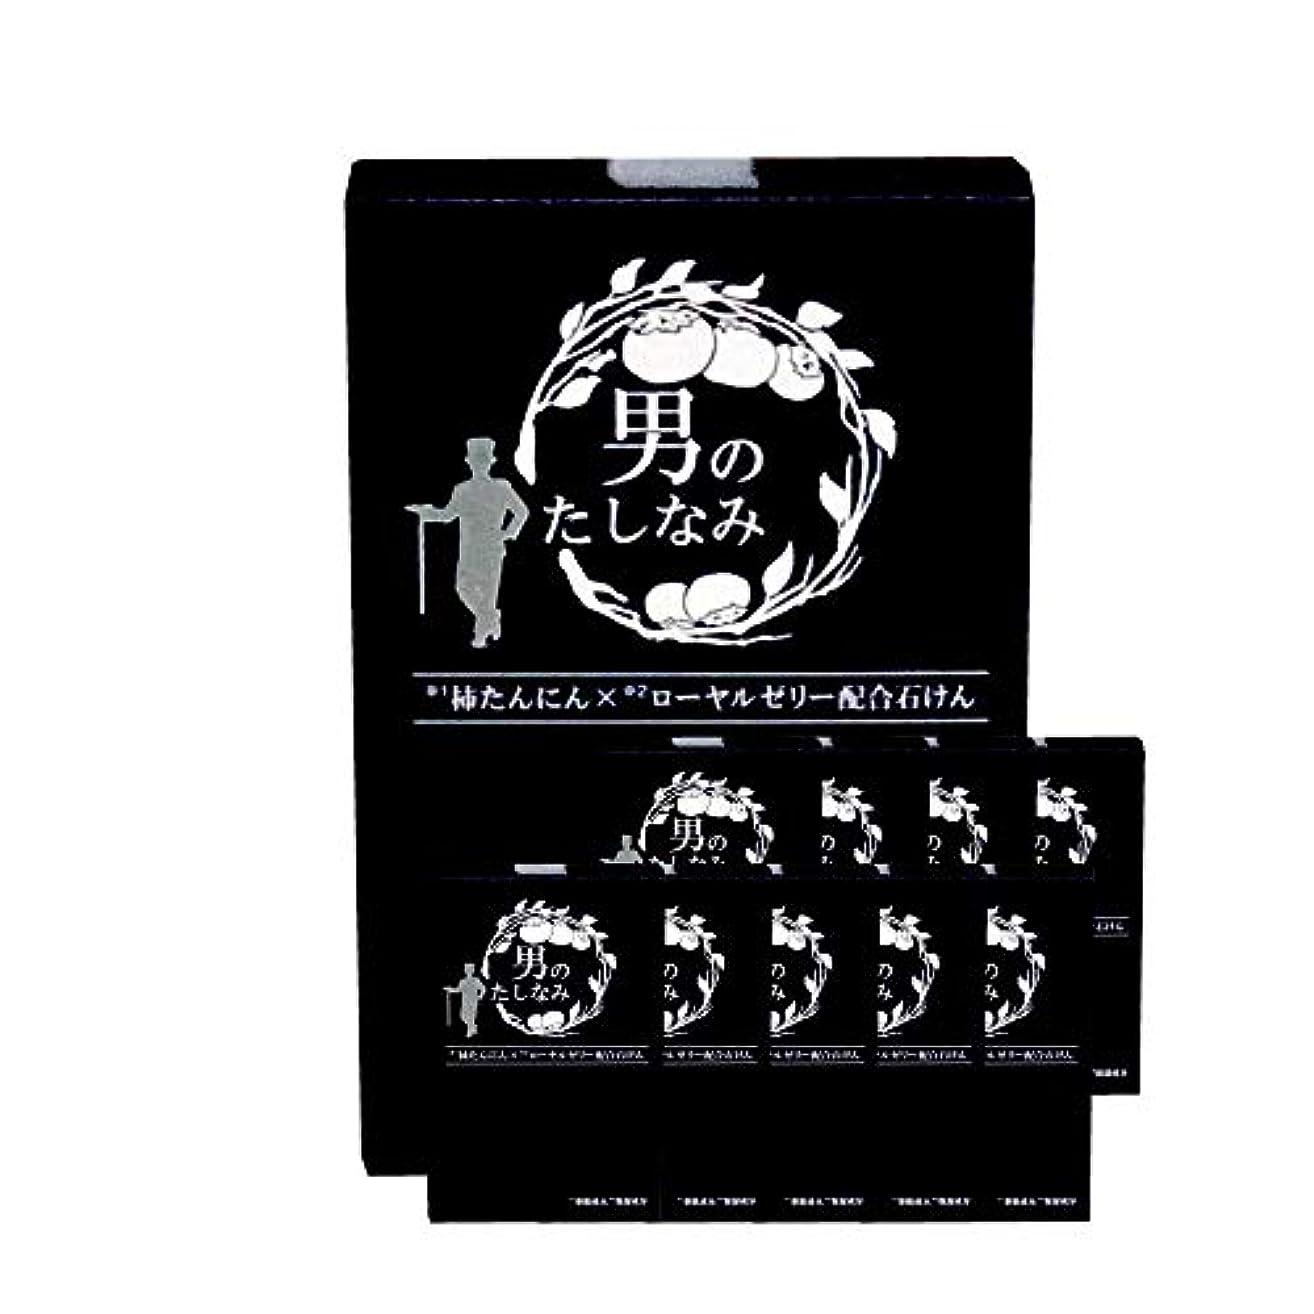 レバー炭水化物割り当て柿渋石鹸 男のたしなみ 100g (10個セット)